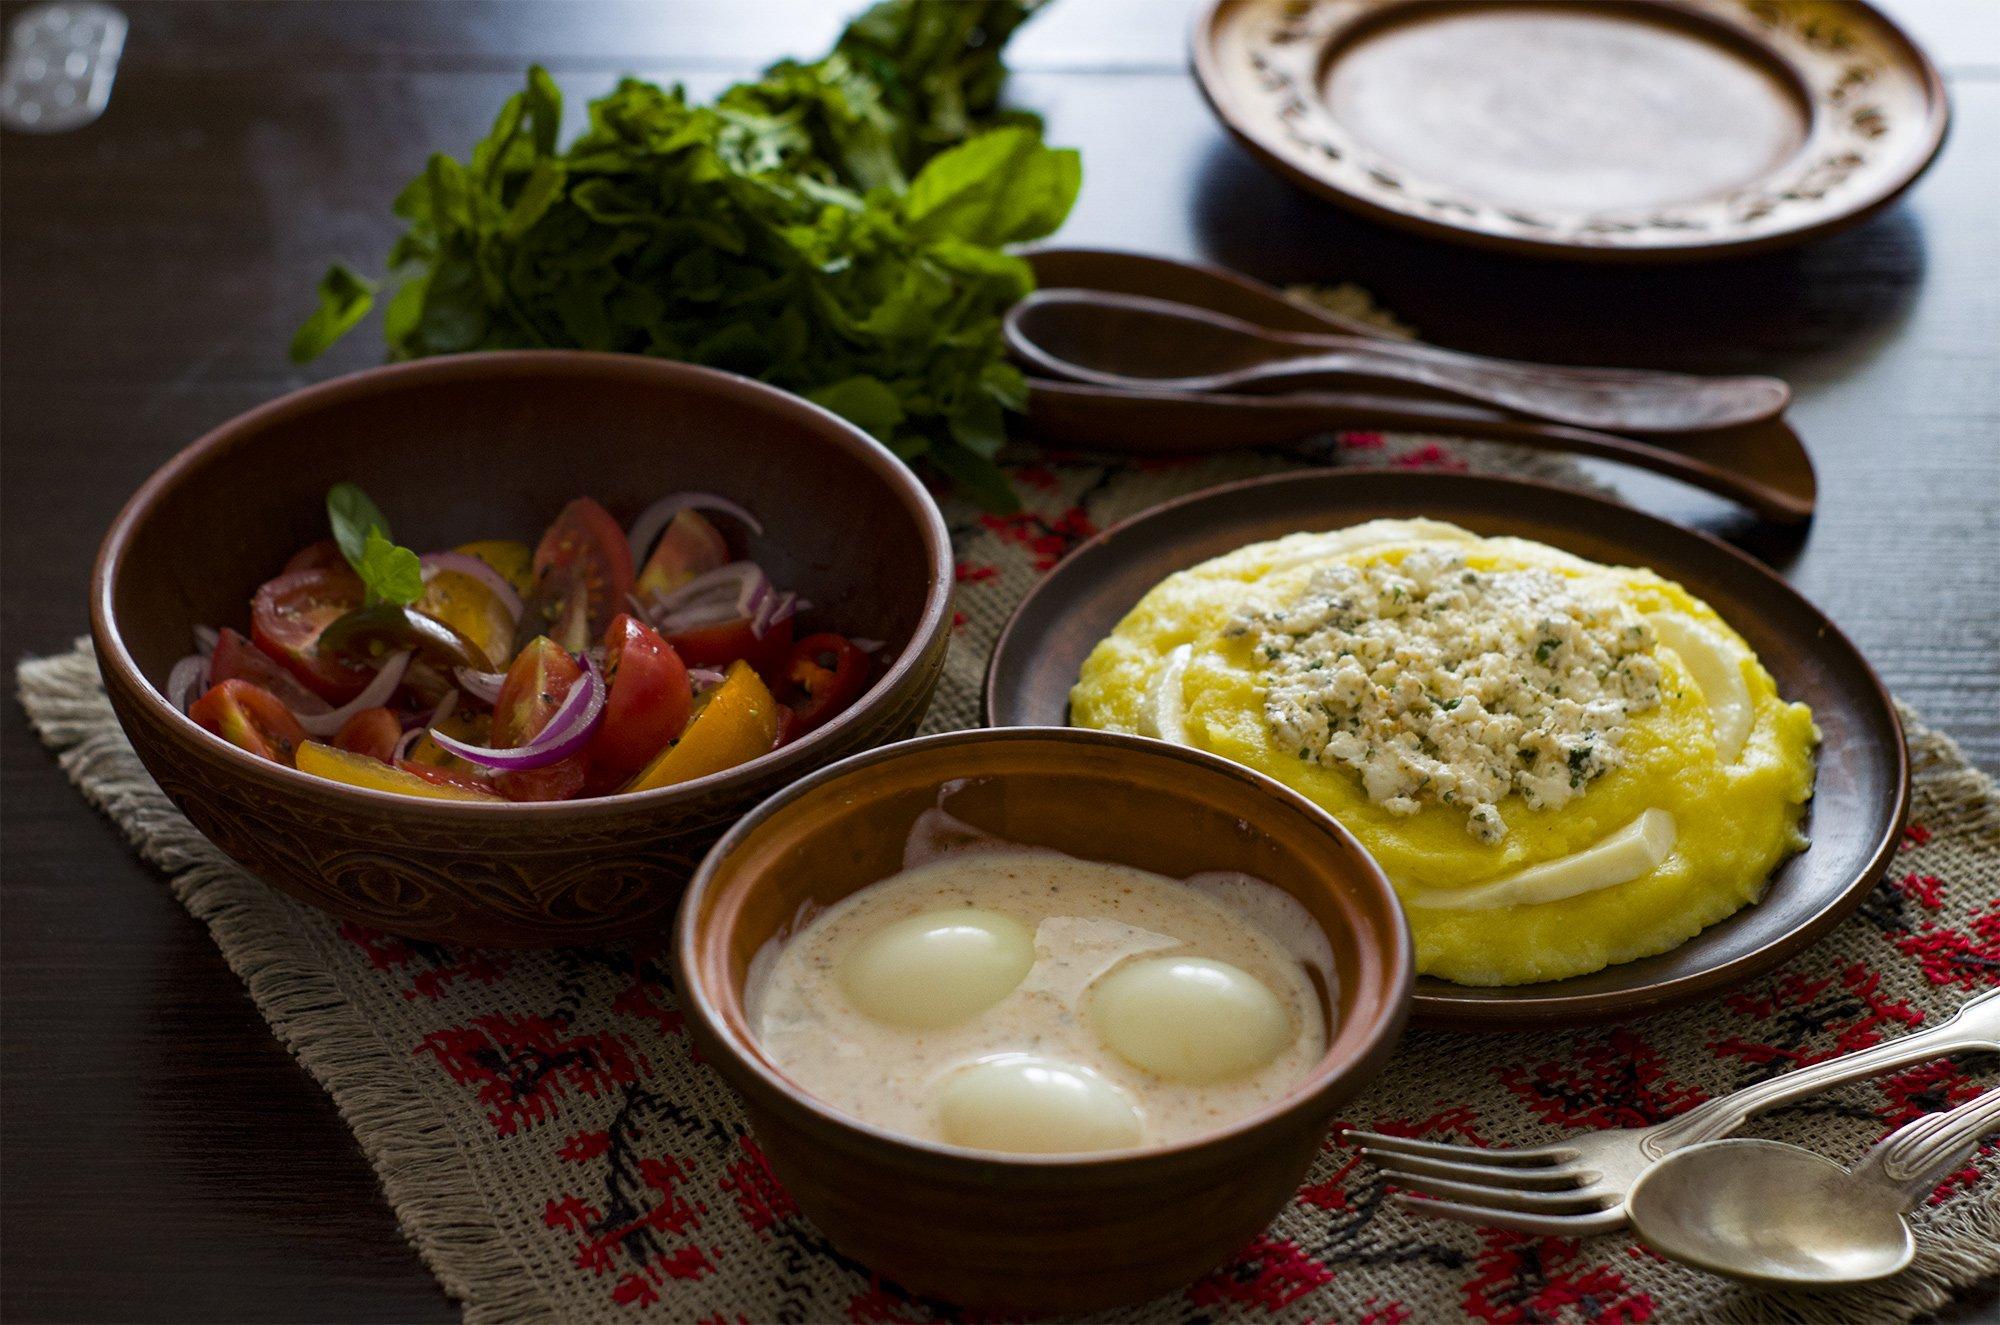 грузинский мегрельский завтрак